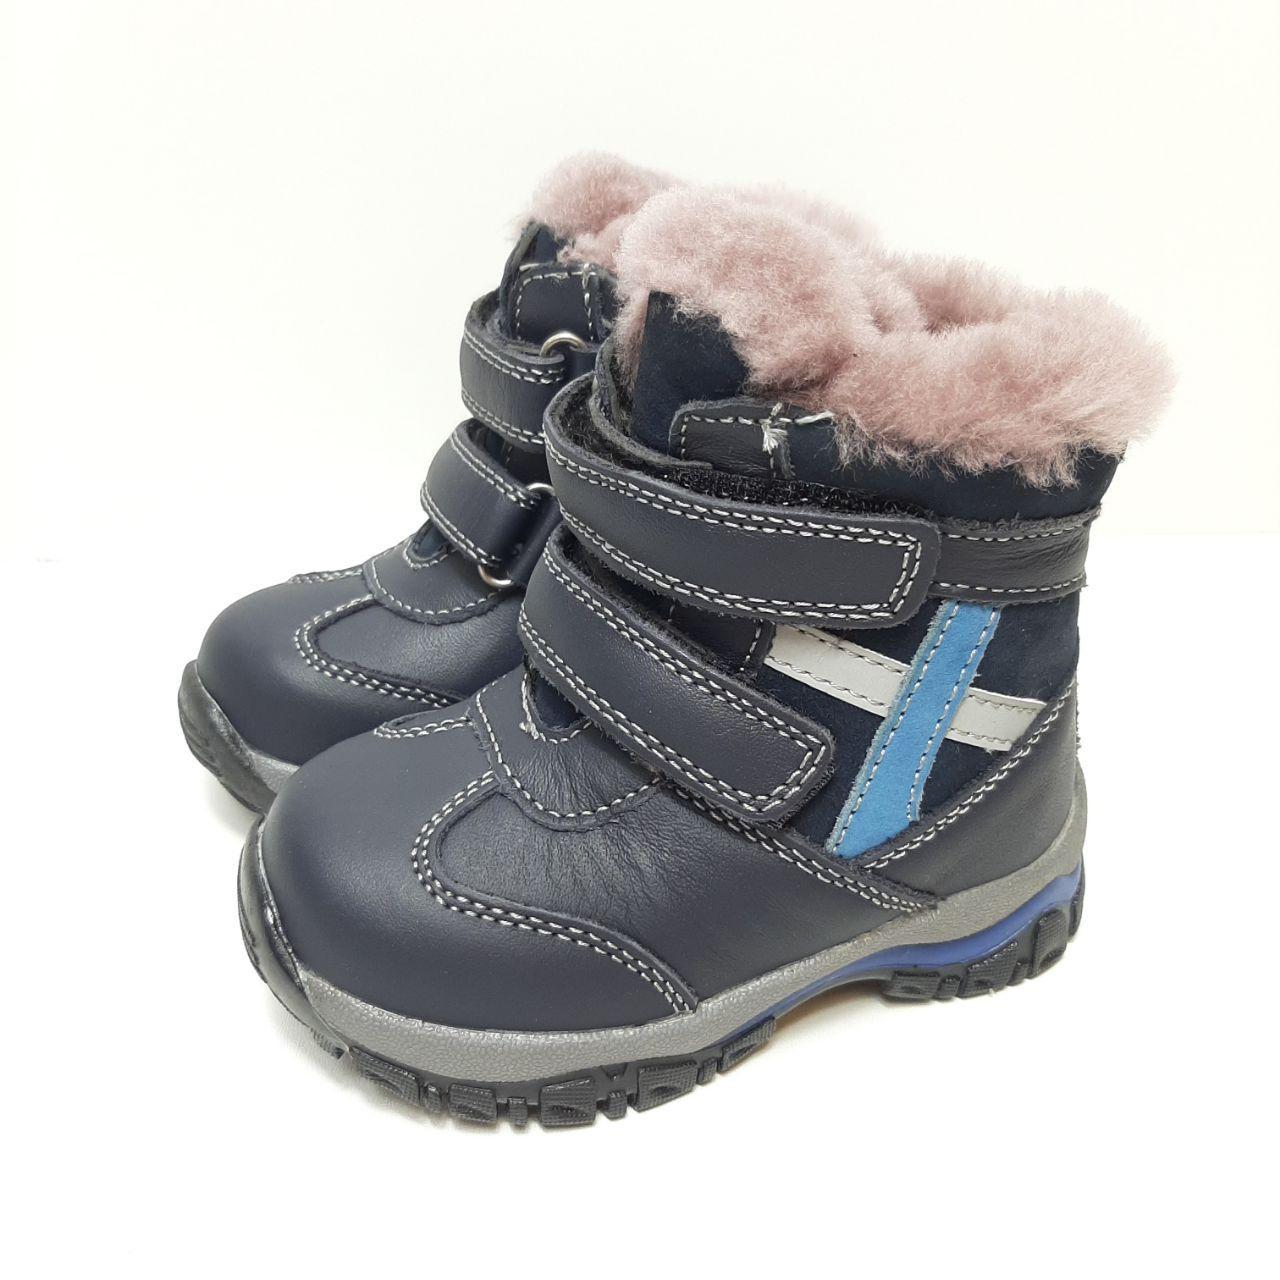 Зимние кожаные ботинки для мальчика Bi&Ki р. 25 (16 см), 27 (17,5 см)